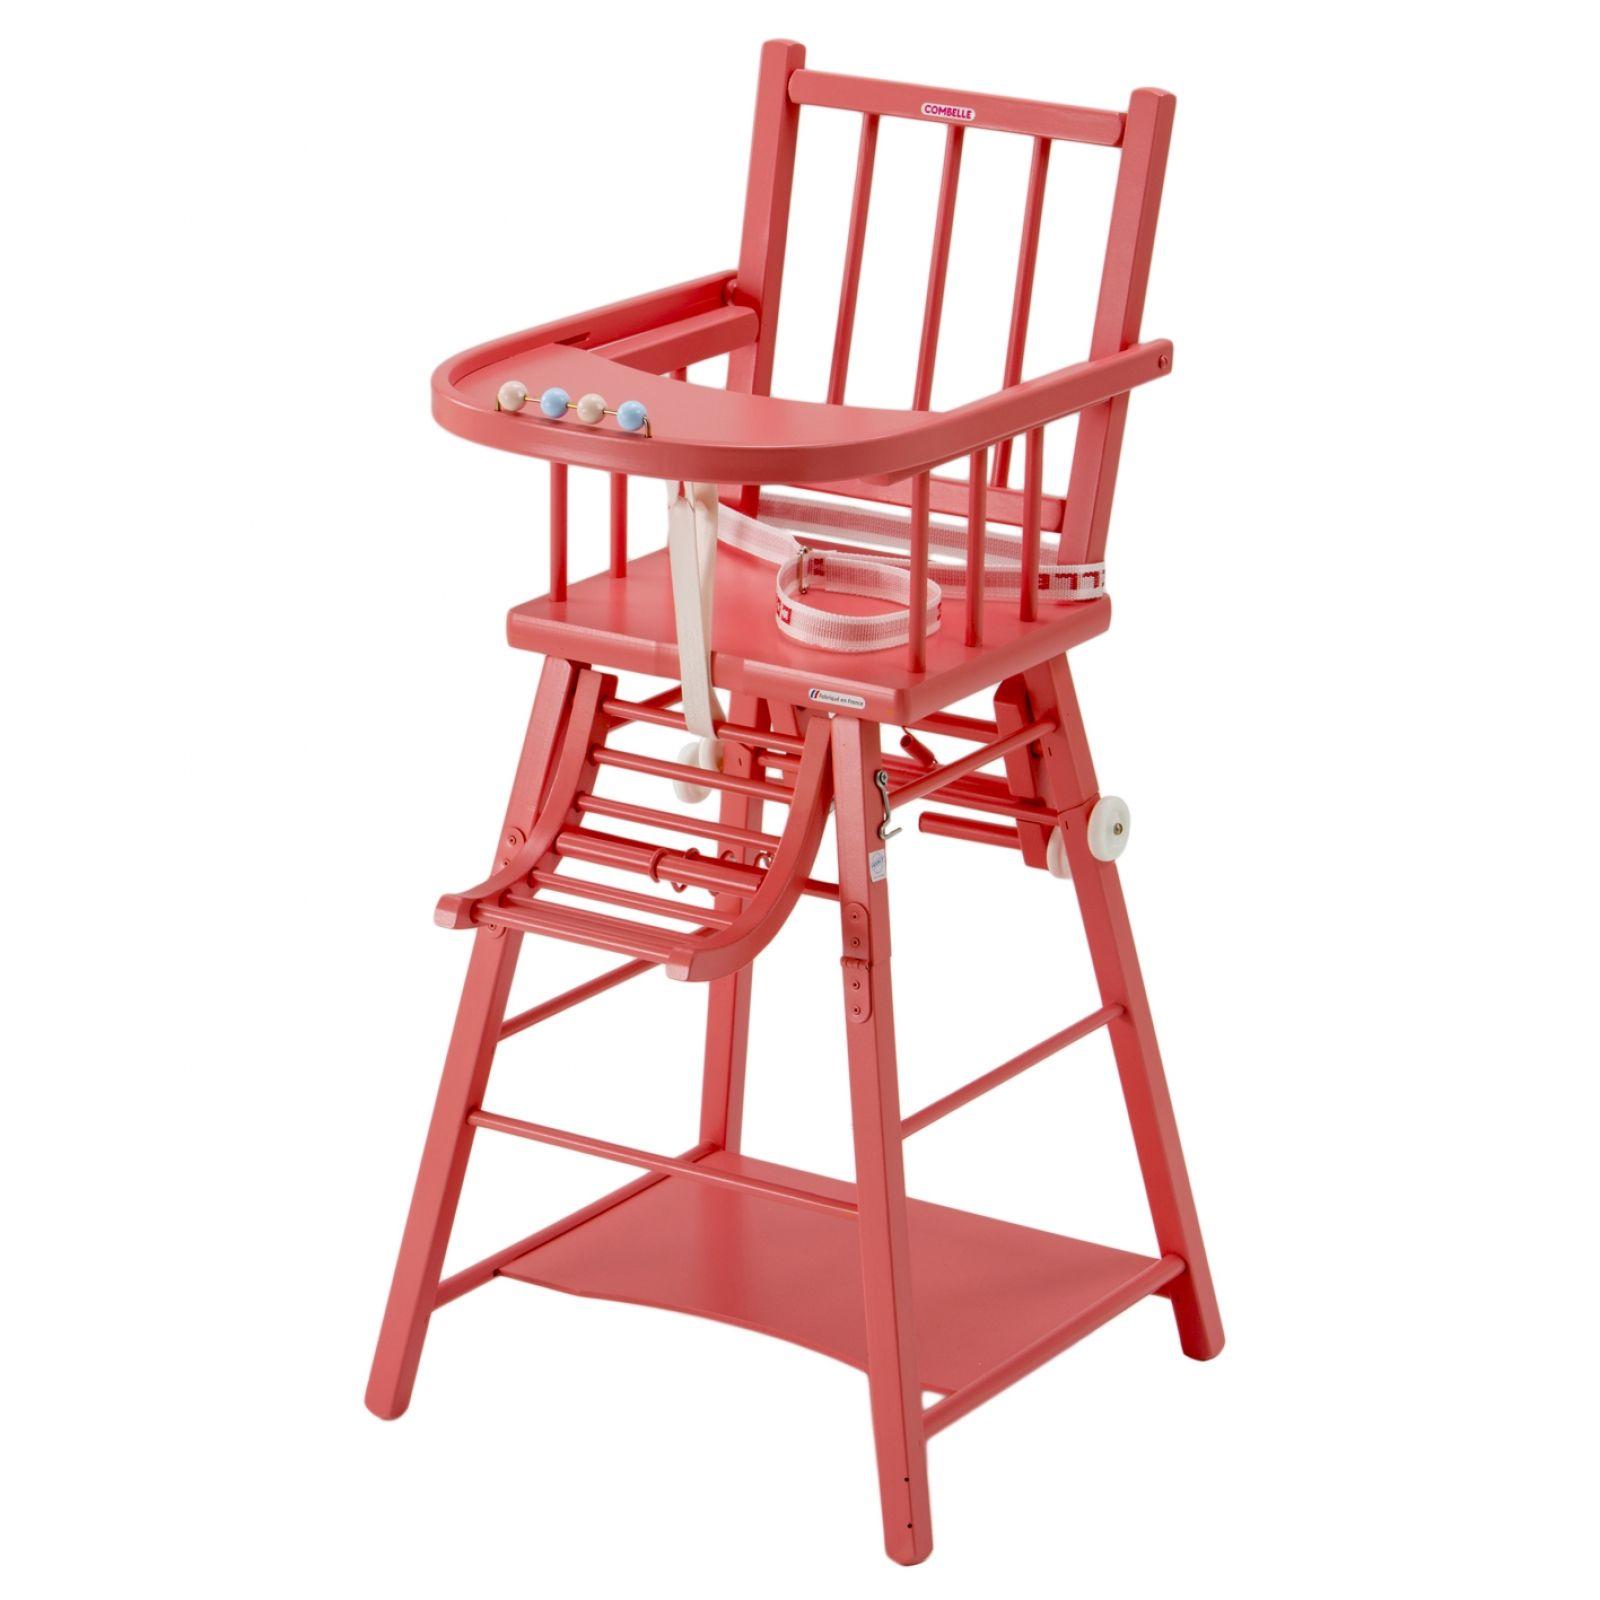 Chaise haute transformable laquée rose : Combelle - Chaise haute en ...